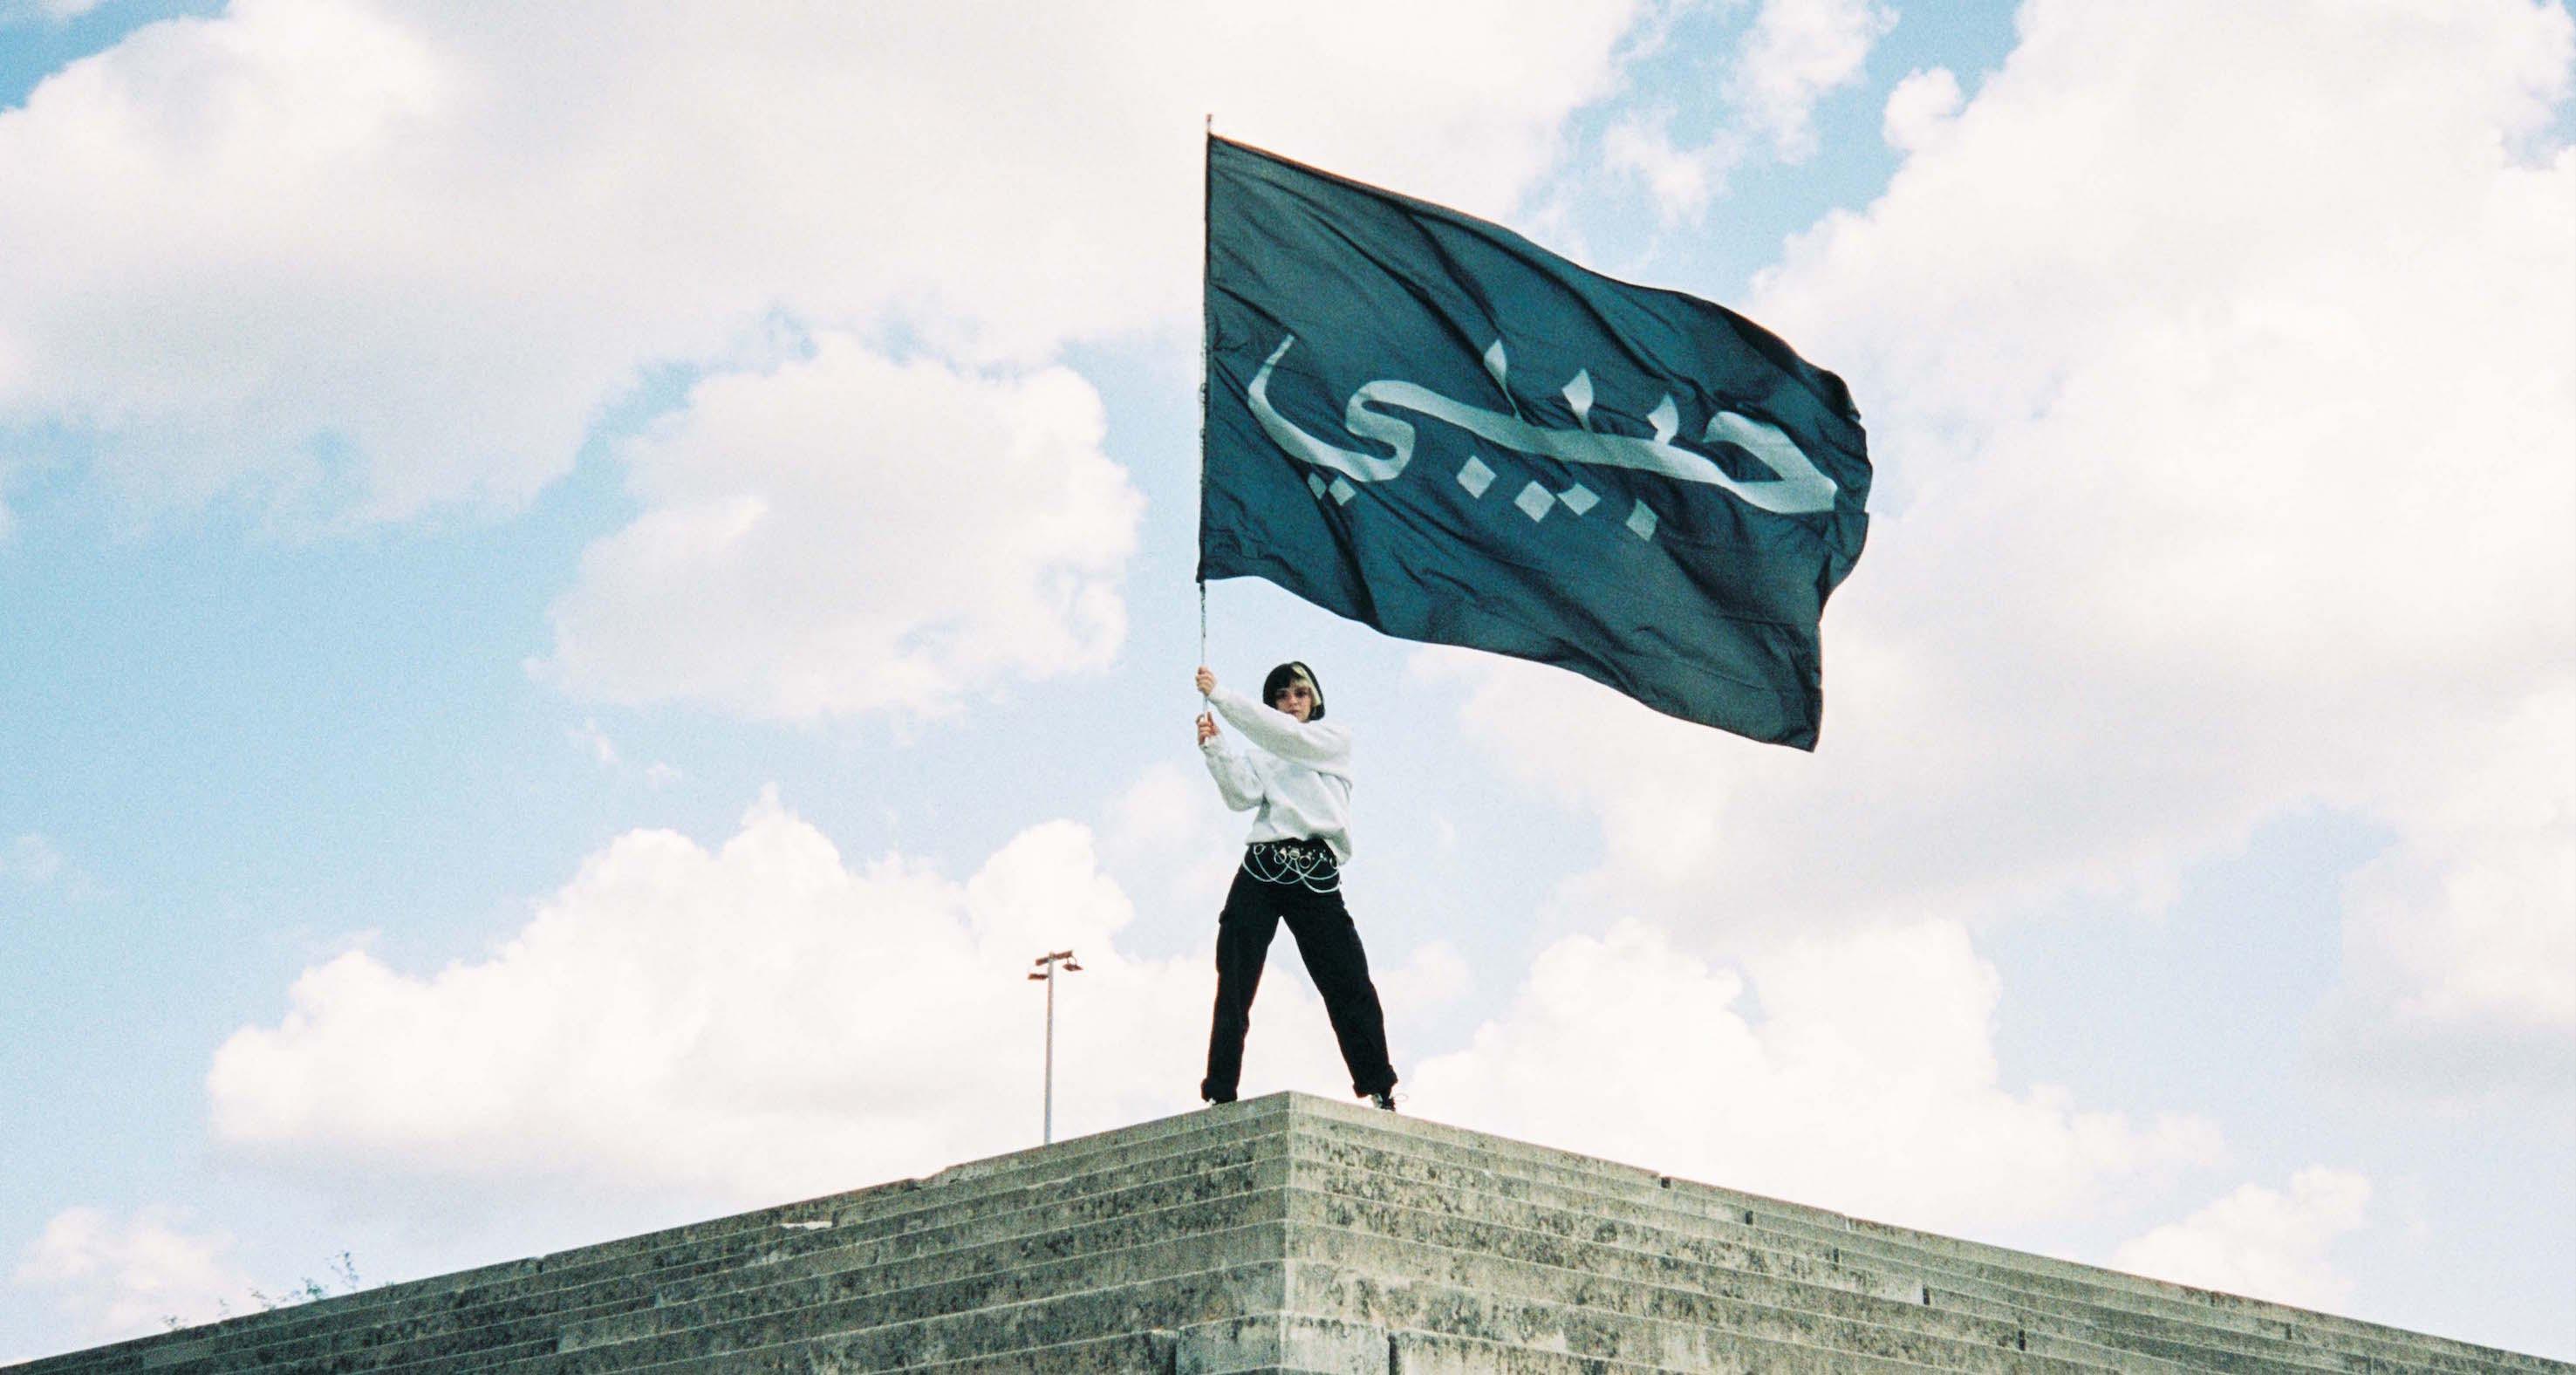 Flagge mit arabischem Schriftzug habibi des modelabels habibi you know